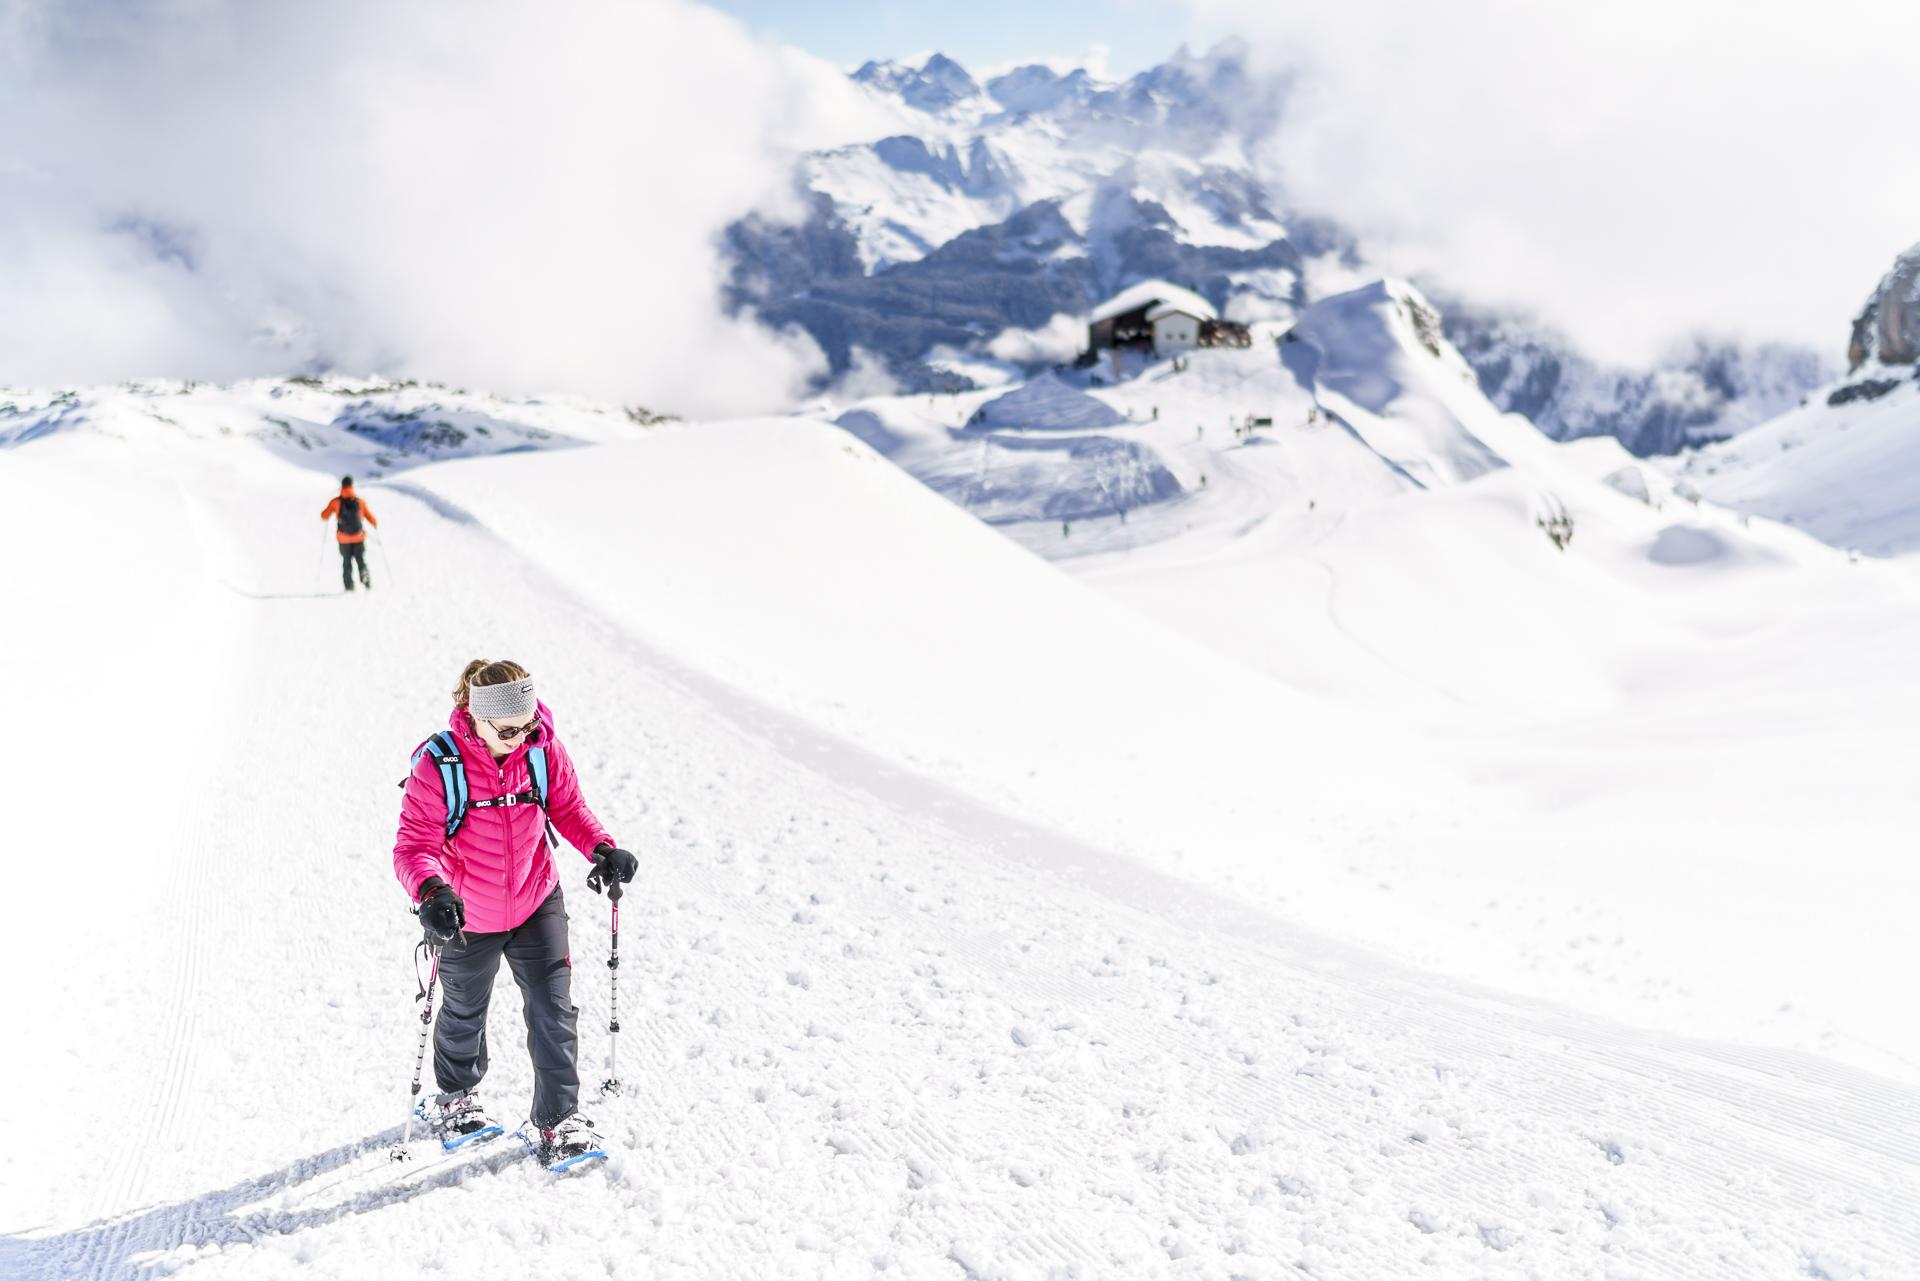 Schneeschuhtour Ifen Gottesacker